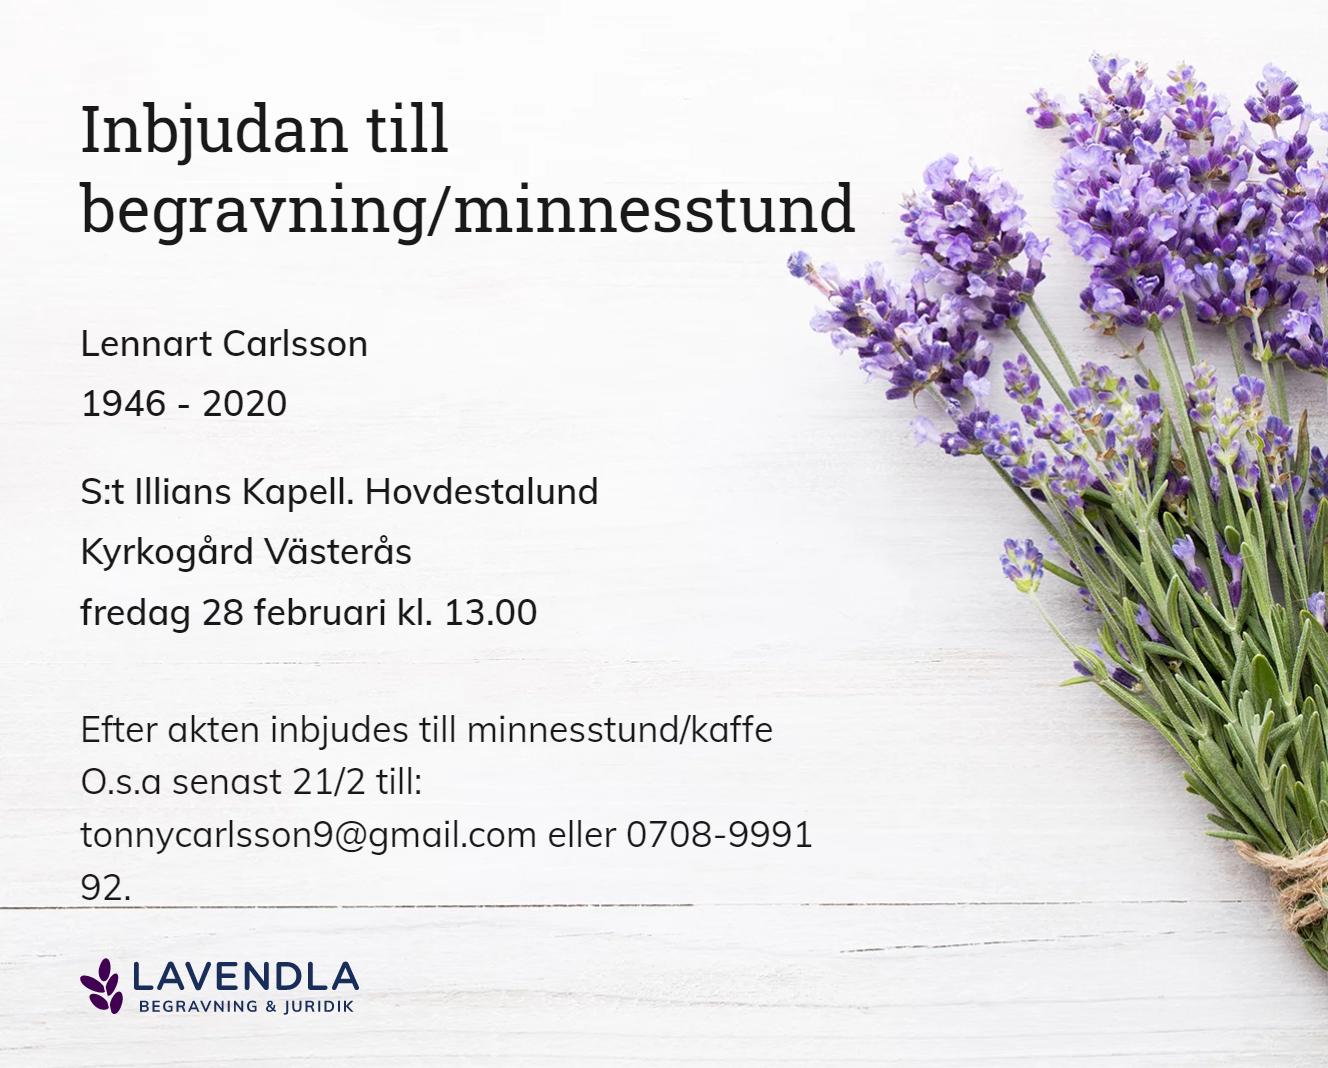 Inbjudningskort till ceremonin för Lennart Carlsson